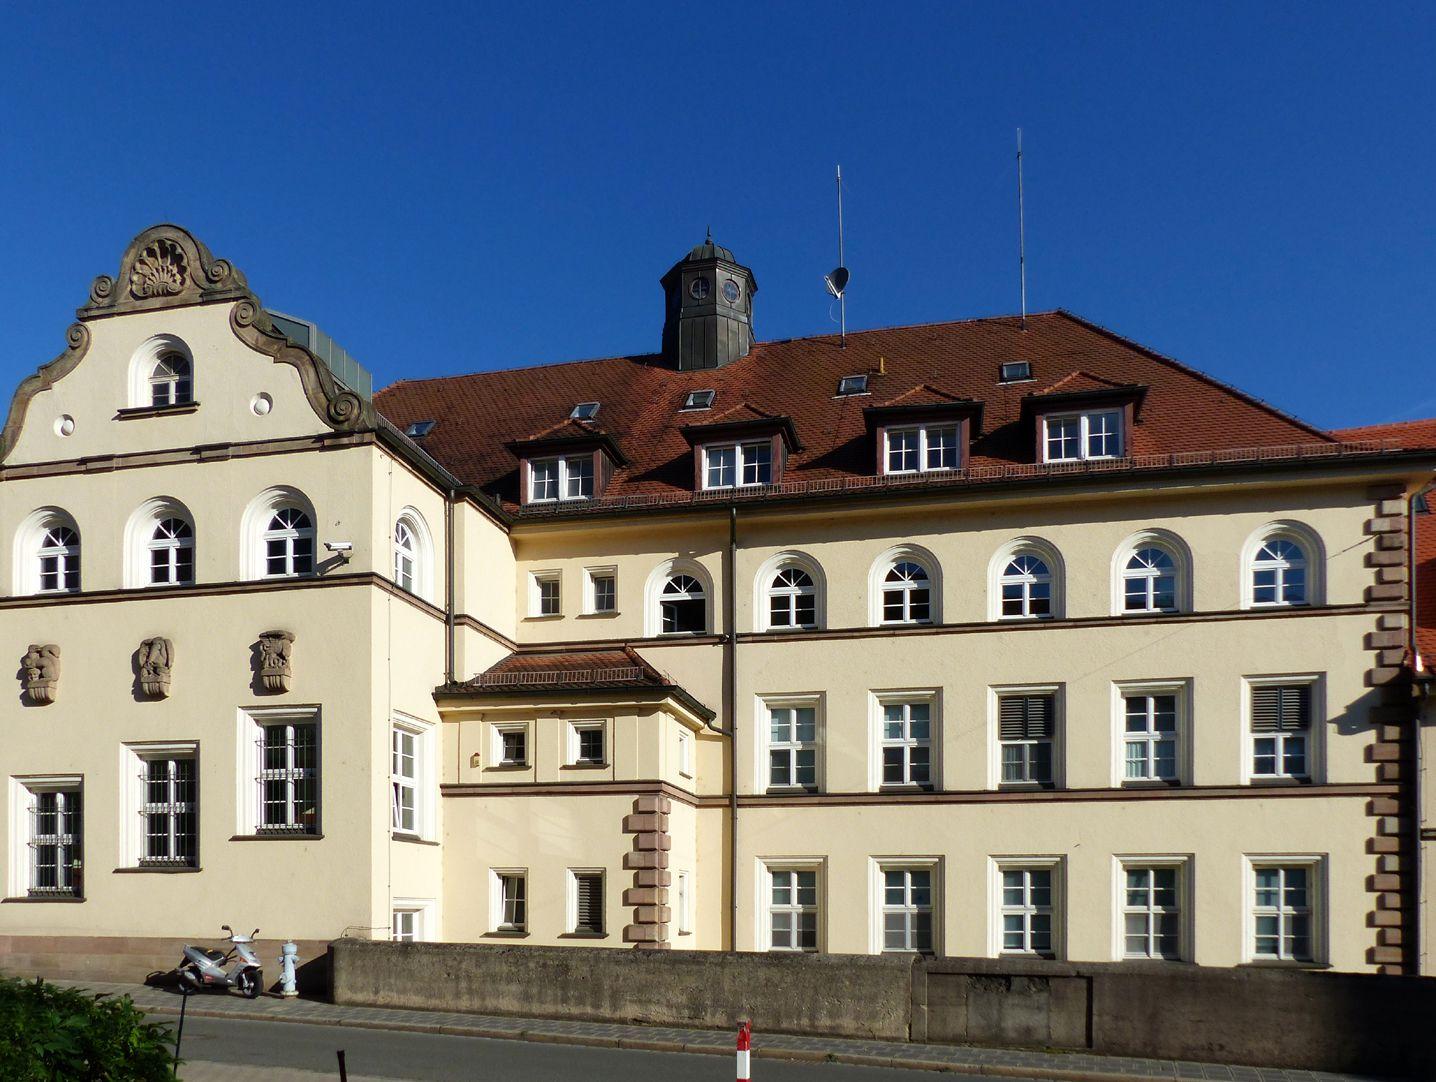 ehemalige Allgemeine Ortskrankenkasse Rückfassade, Mühlgasse, Detail